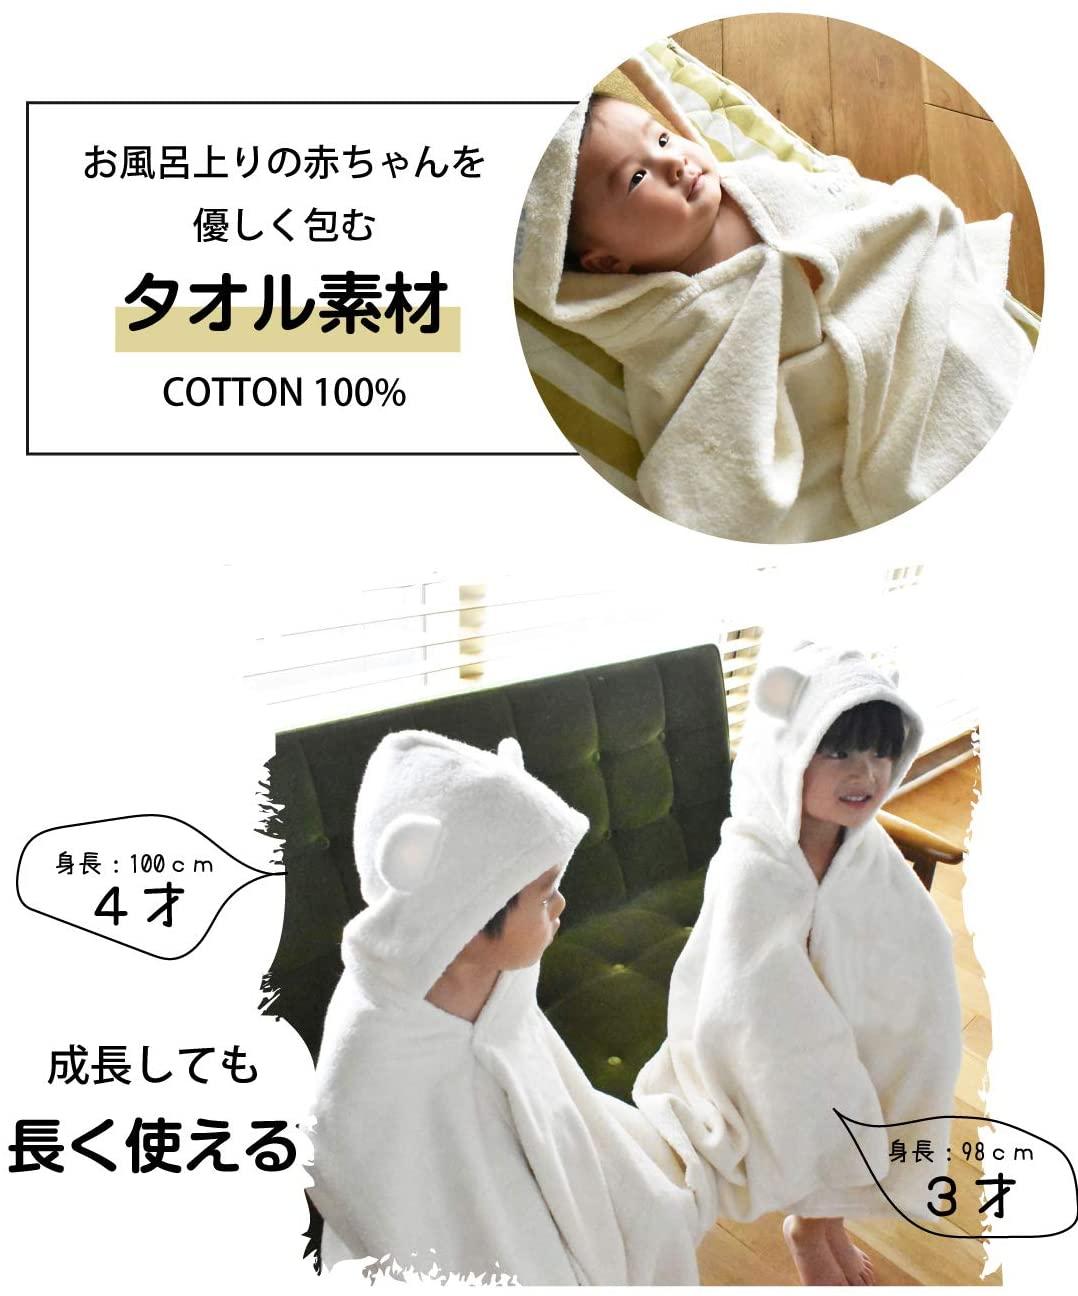 emoka(えもか)今治タオル ベビーバスローブの商品画像5